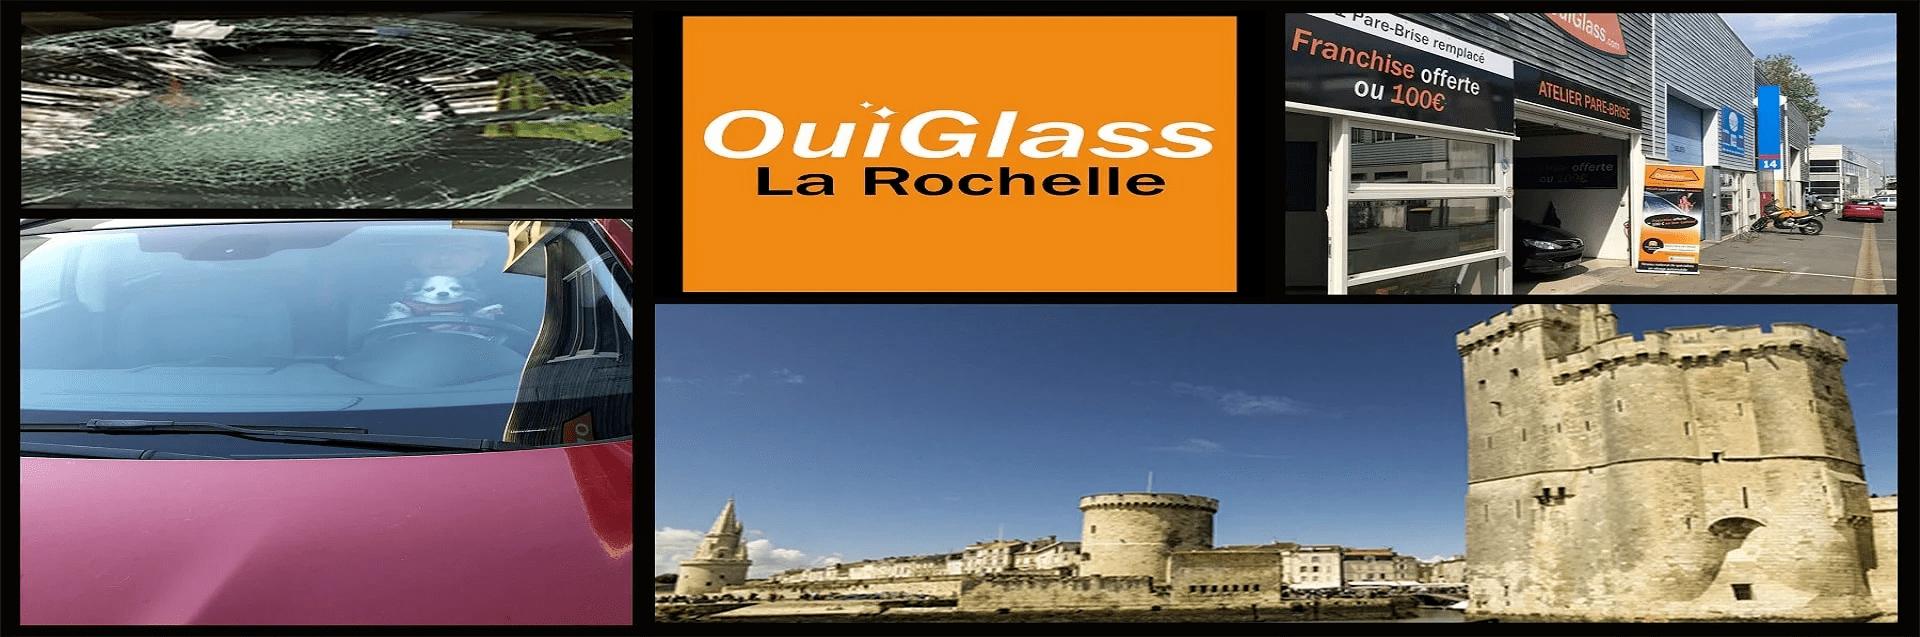 Ouiglass LA ROCHELLE